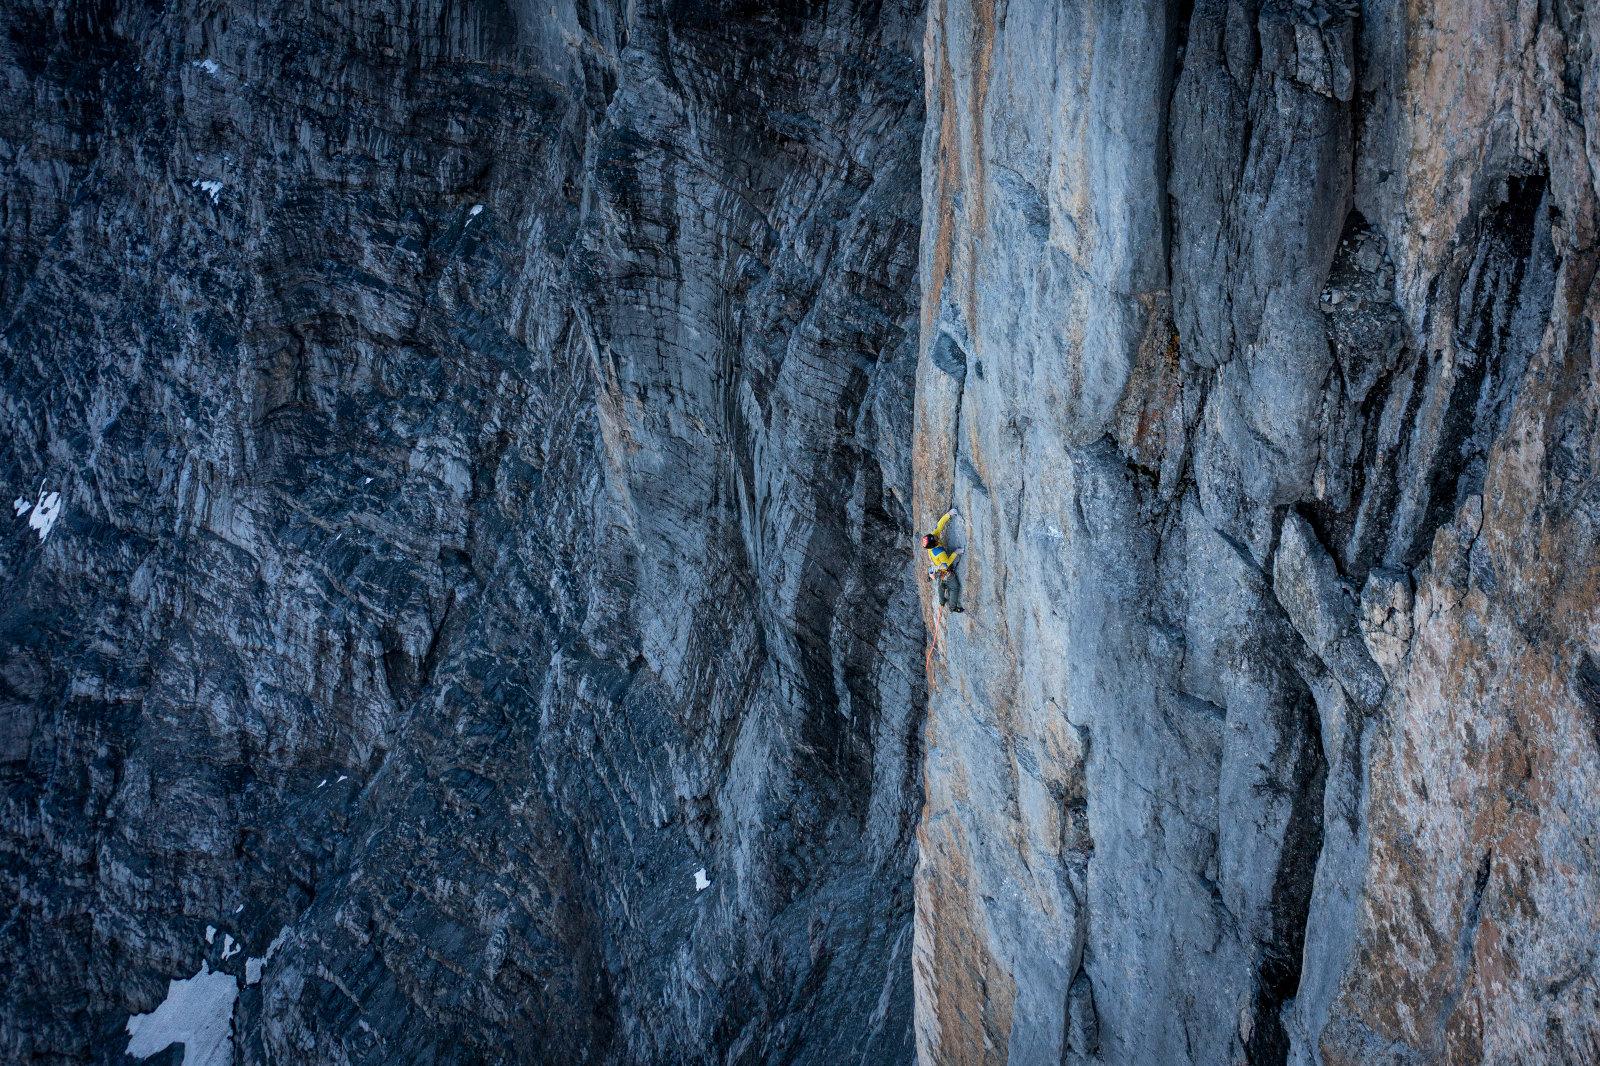 Roger Schäli im oberen Teil des Genferpfeiler in der Eiger Nordwand. (c) Frank Kretschmann